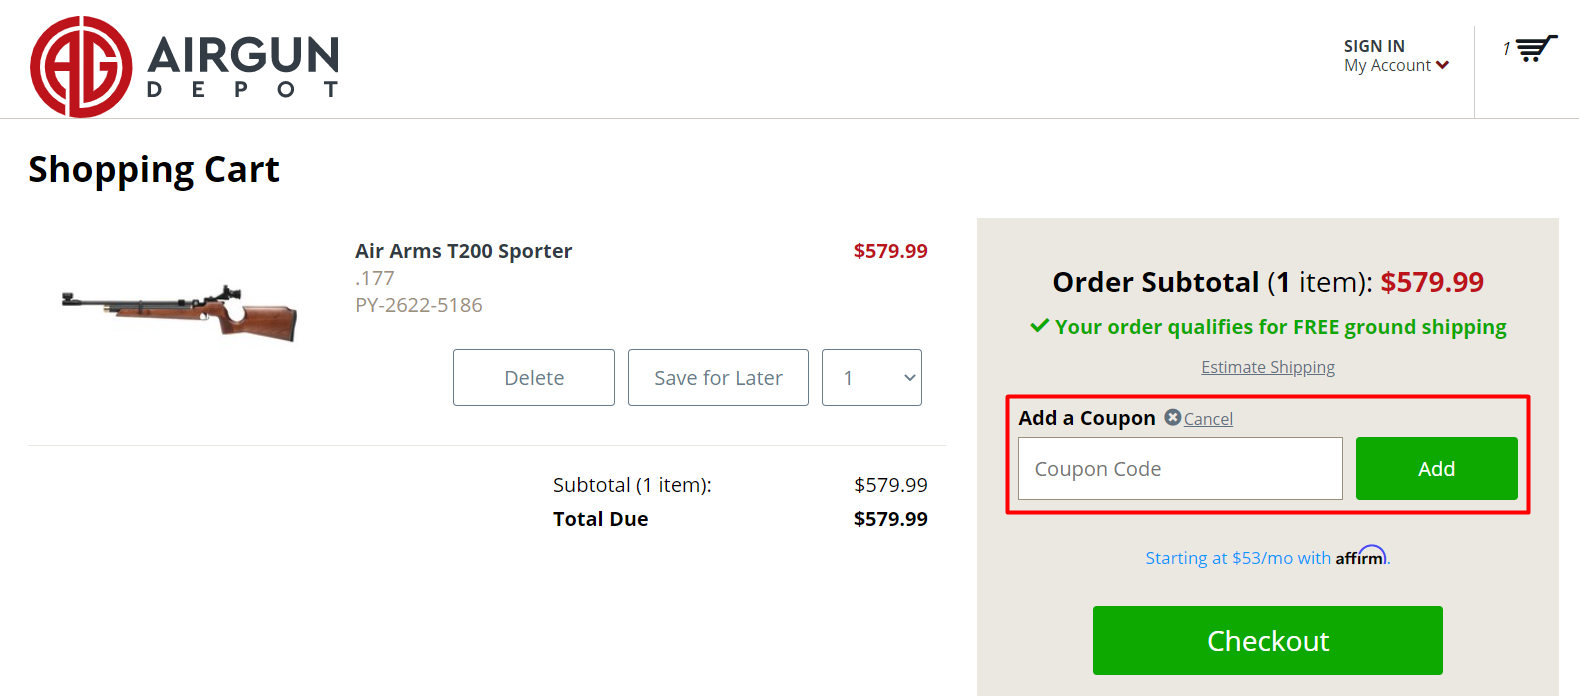 How do I use my Airgun Depot coupon code?